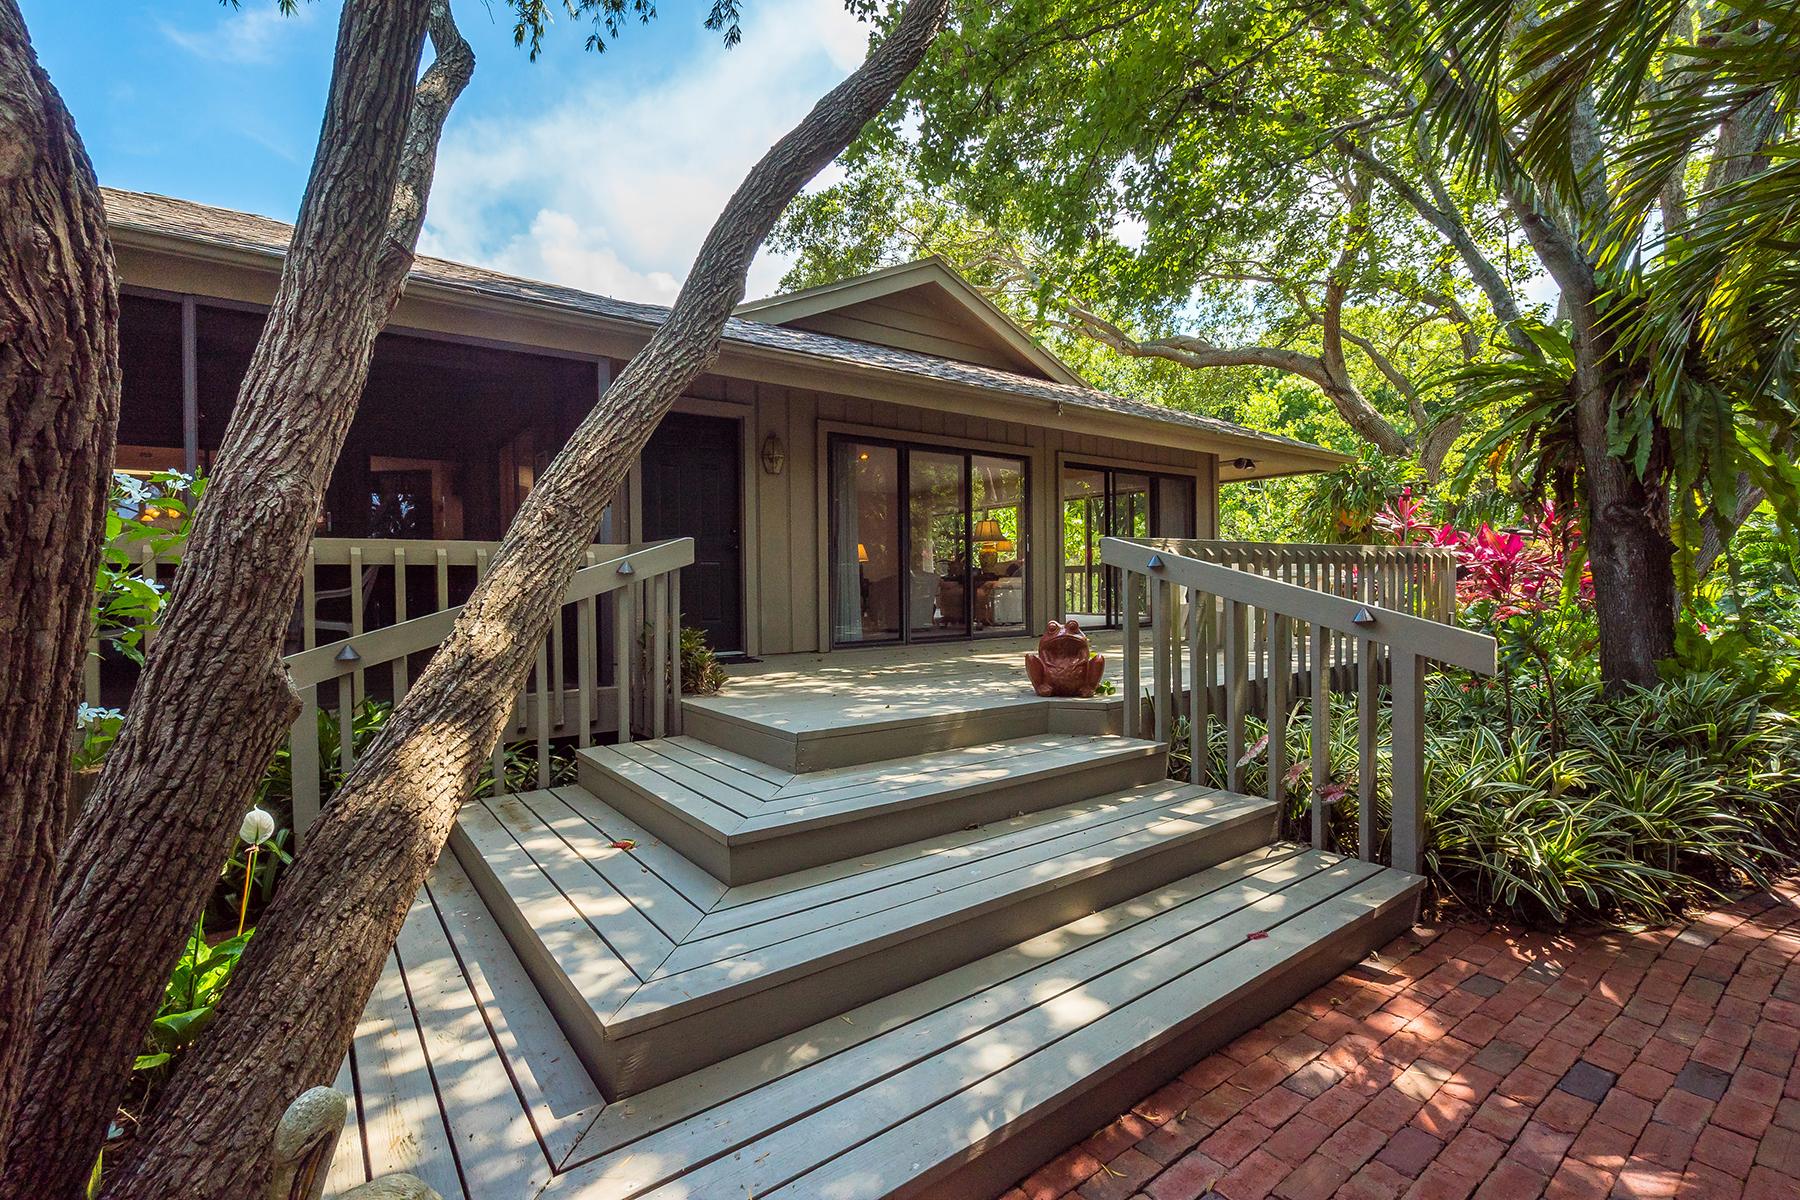 独户住宅 为 销售 在 SOUTH SARASOTA 1655 Quail Dr 萨拉索塔, 佛罗里达州, 34231 美国